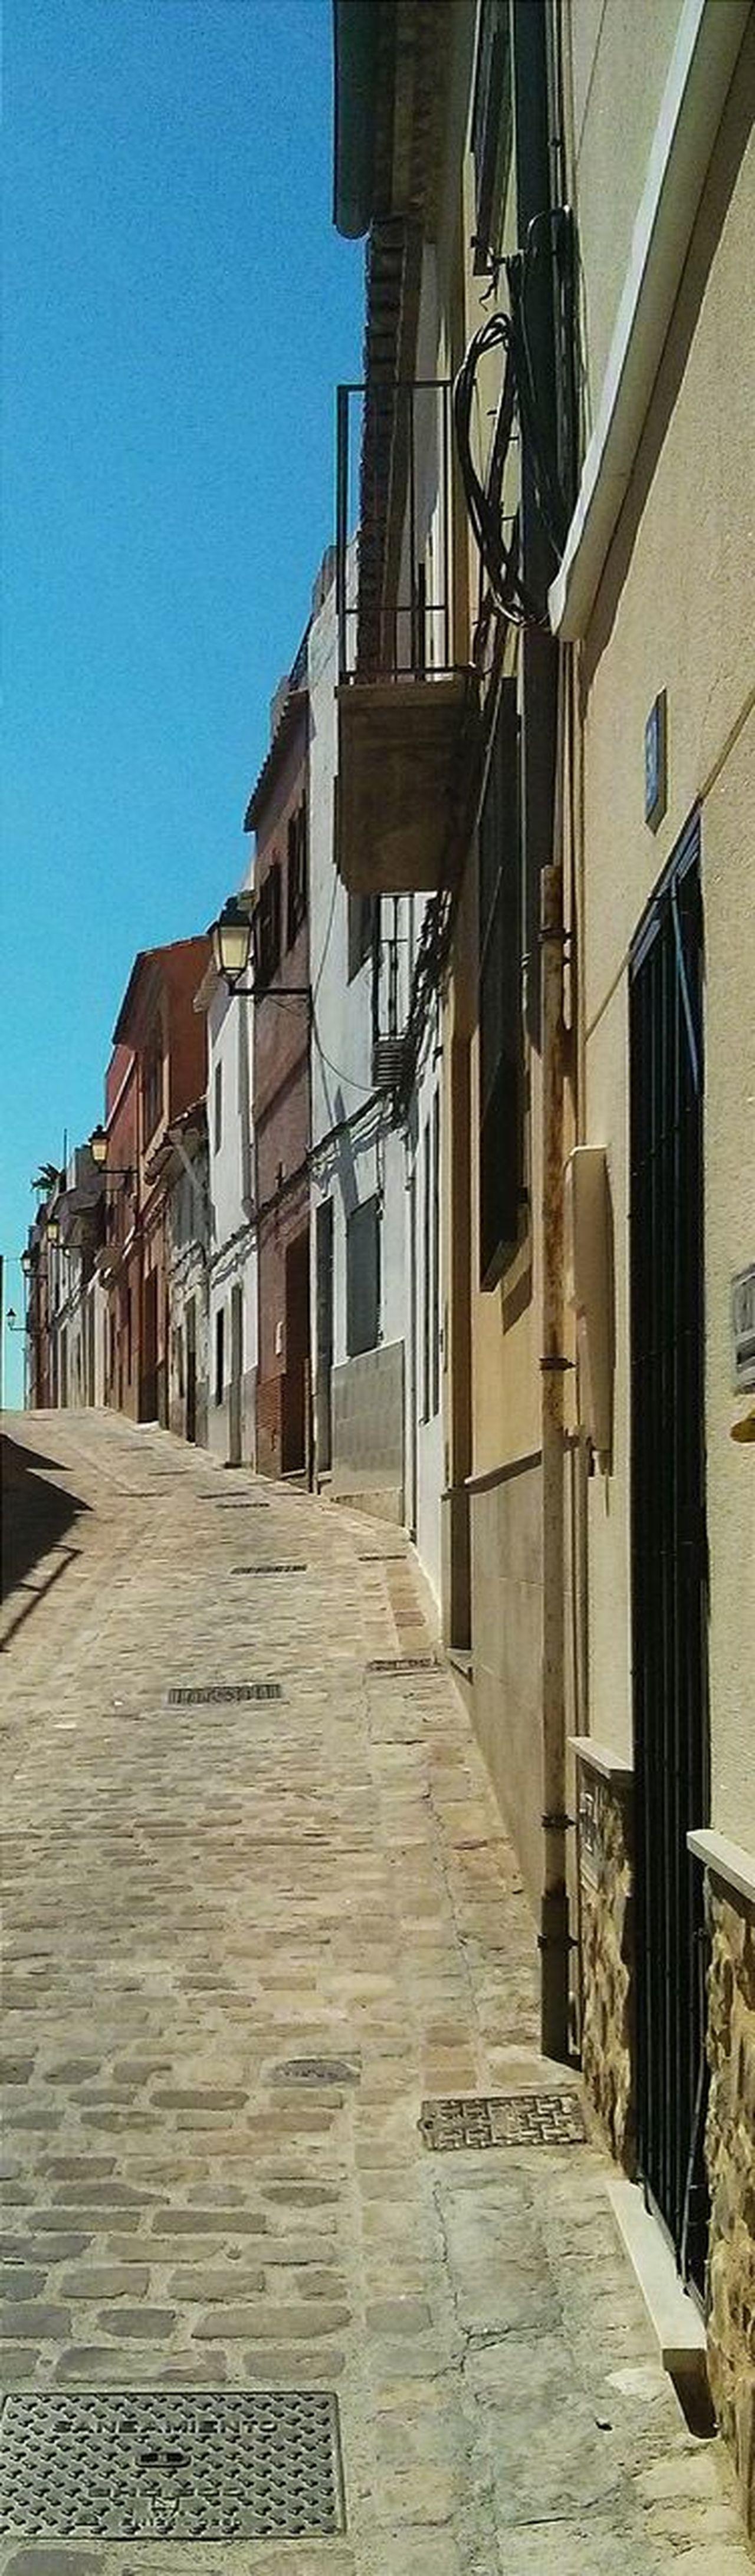 Sagunto Sagunto Spain🇪🇸 Valencia, Spain Old Town Architecture Pueblos De España Outdoors No People Day Building Exterior València